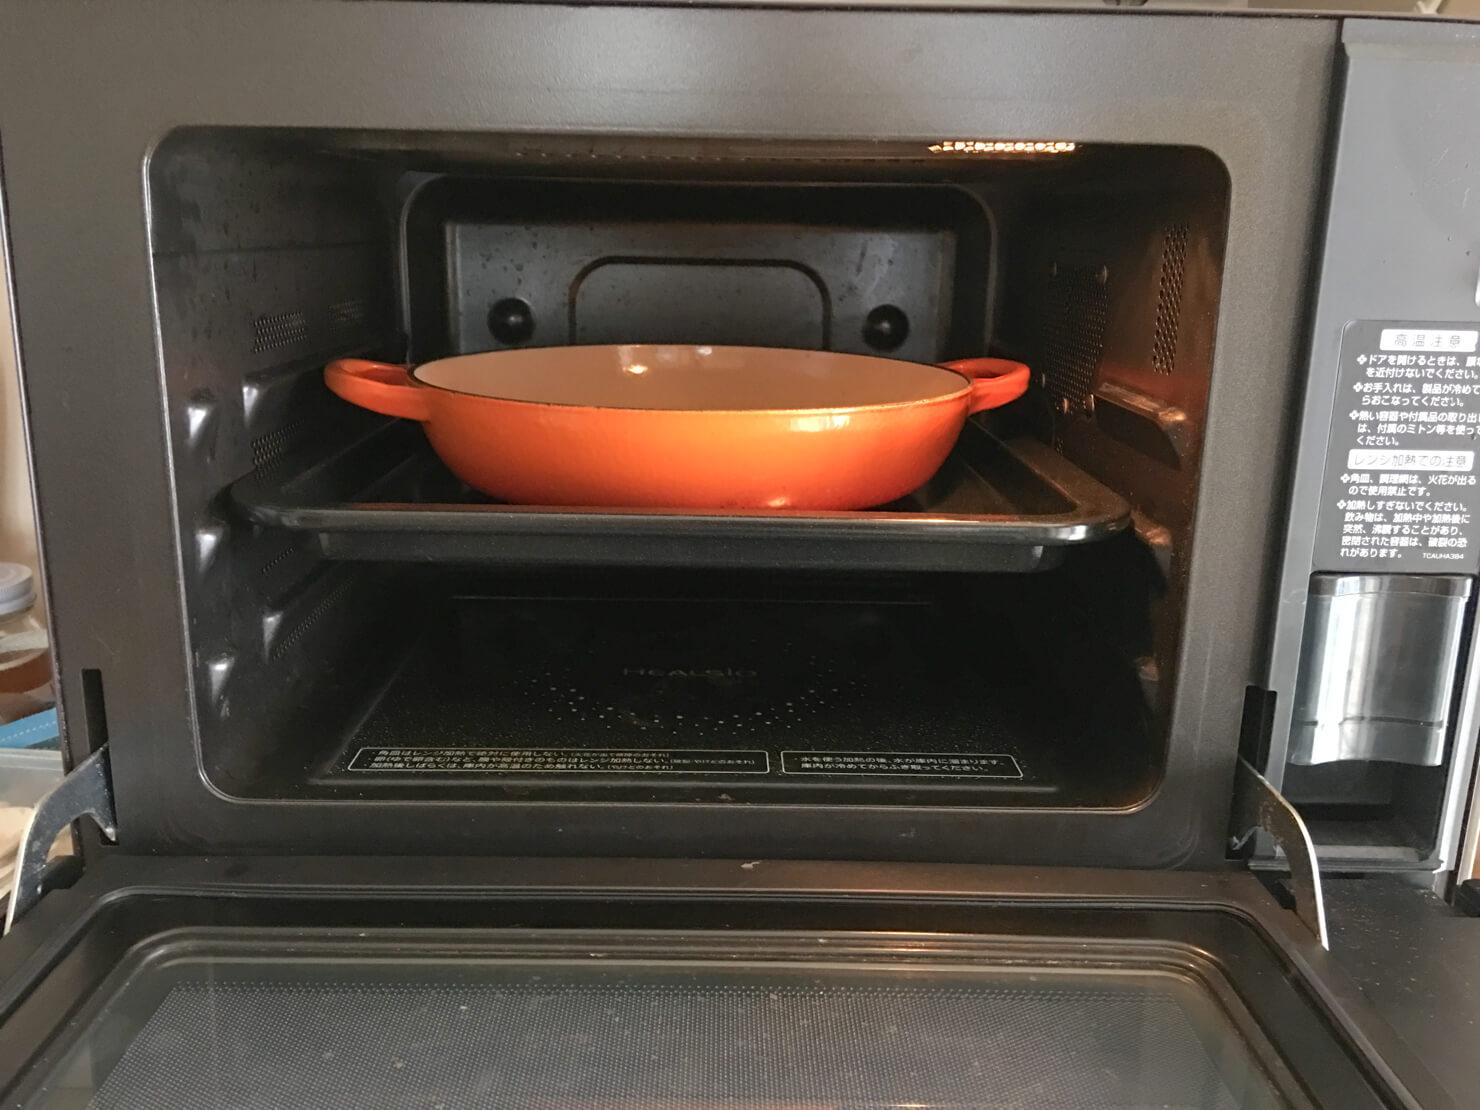 ル・クルーゼのビュッフェキャセロールがオーブンに入っている写真